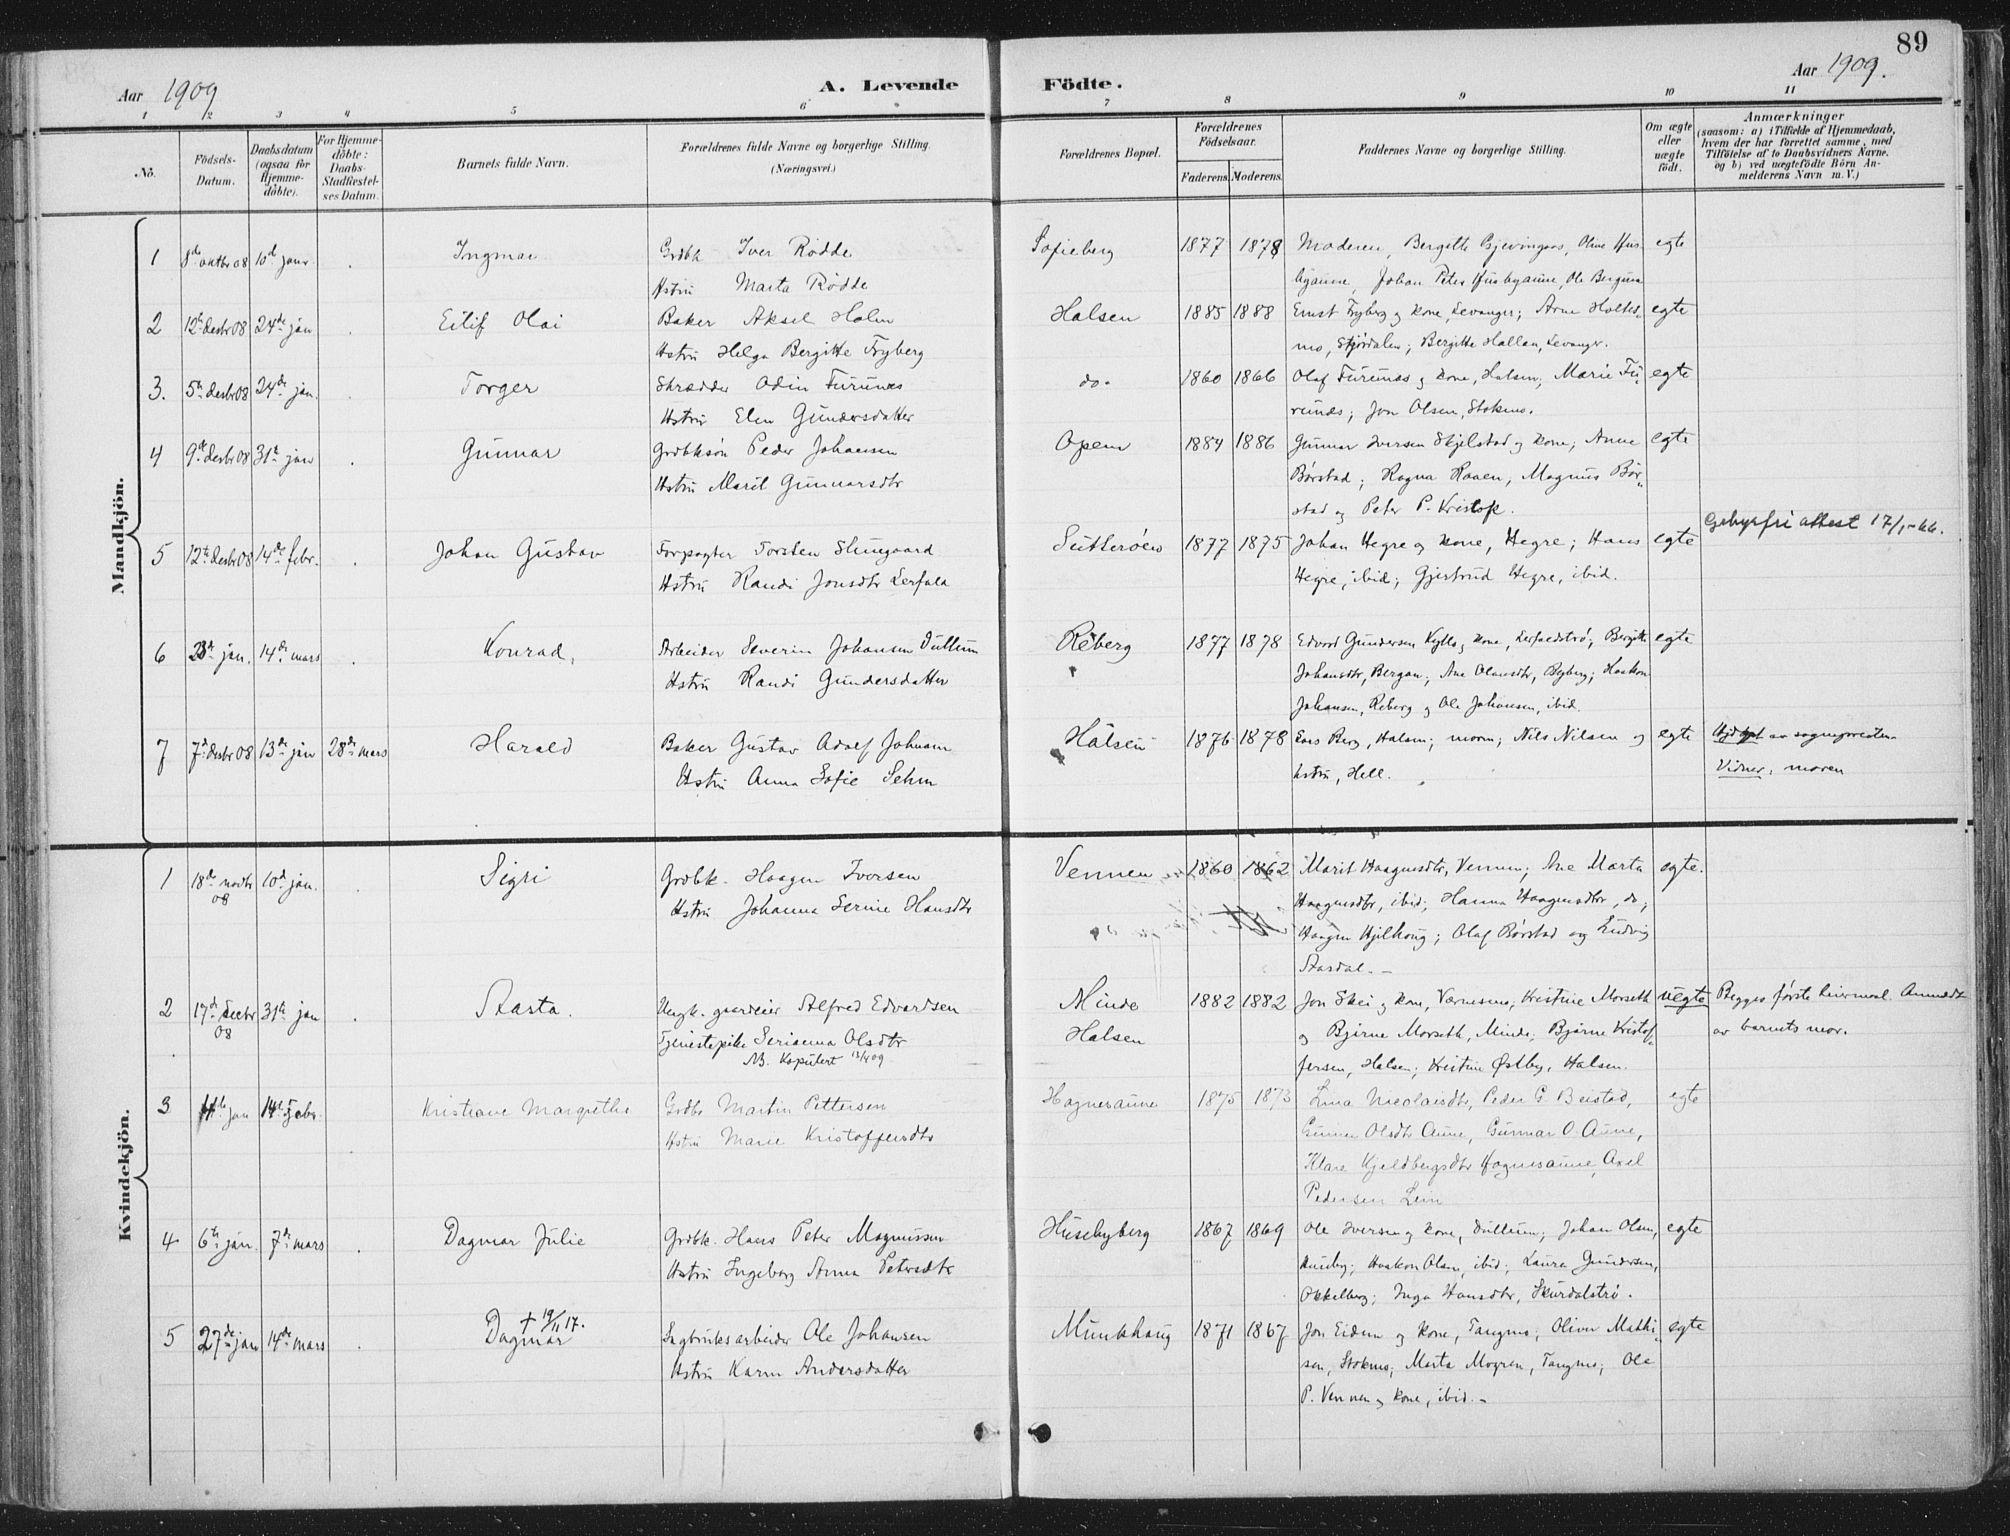 SAT, Ministerialprotokoller, klokkerbøker og fødselsregistre - Nord-Trøndelag, 709/L0082: Ministerialbok nr. 709A22, 1896-1916, s. 89